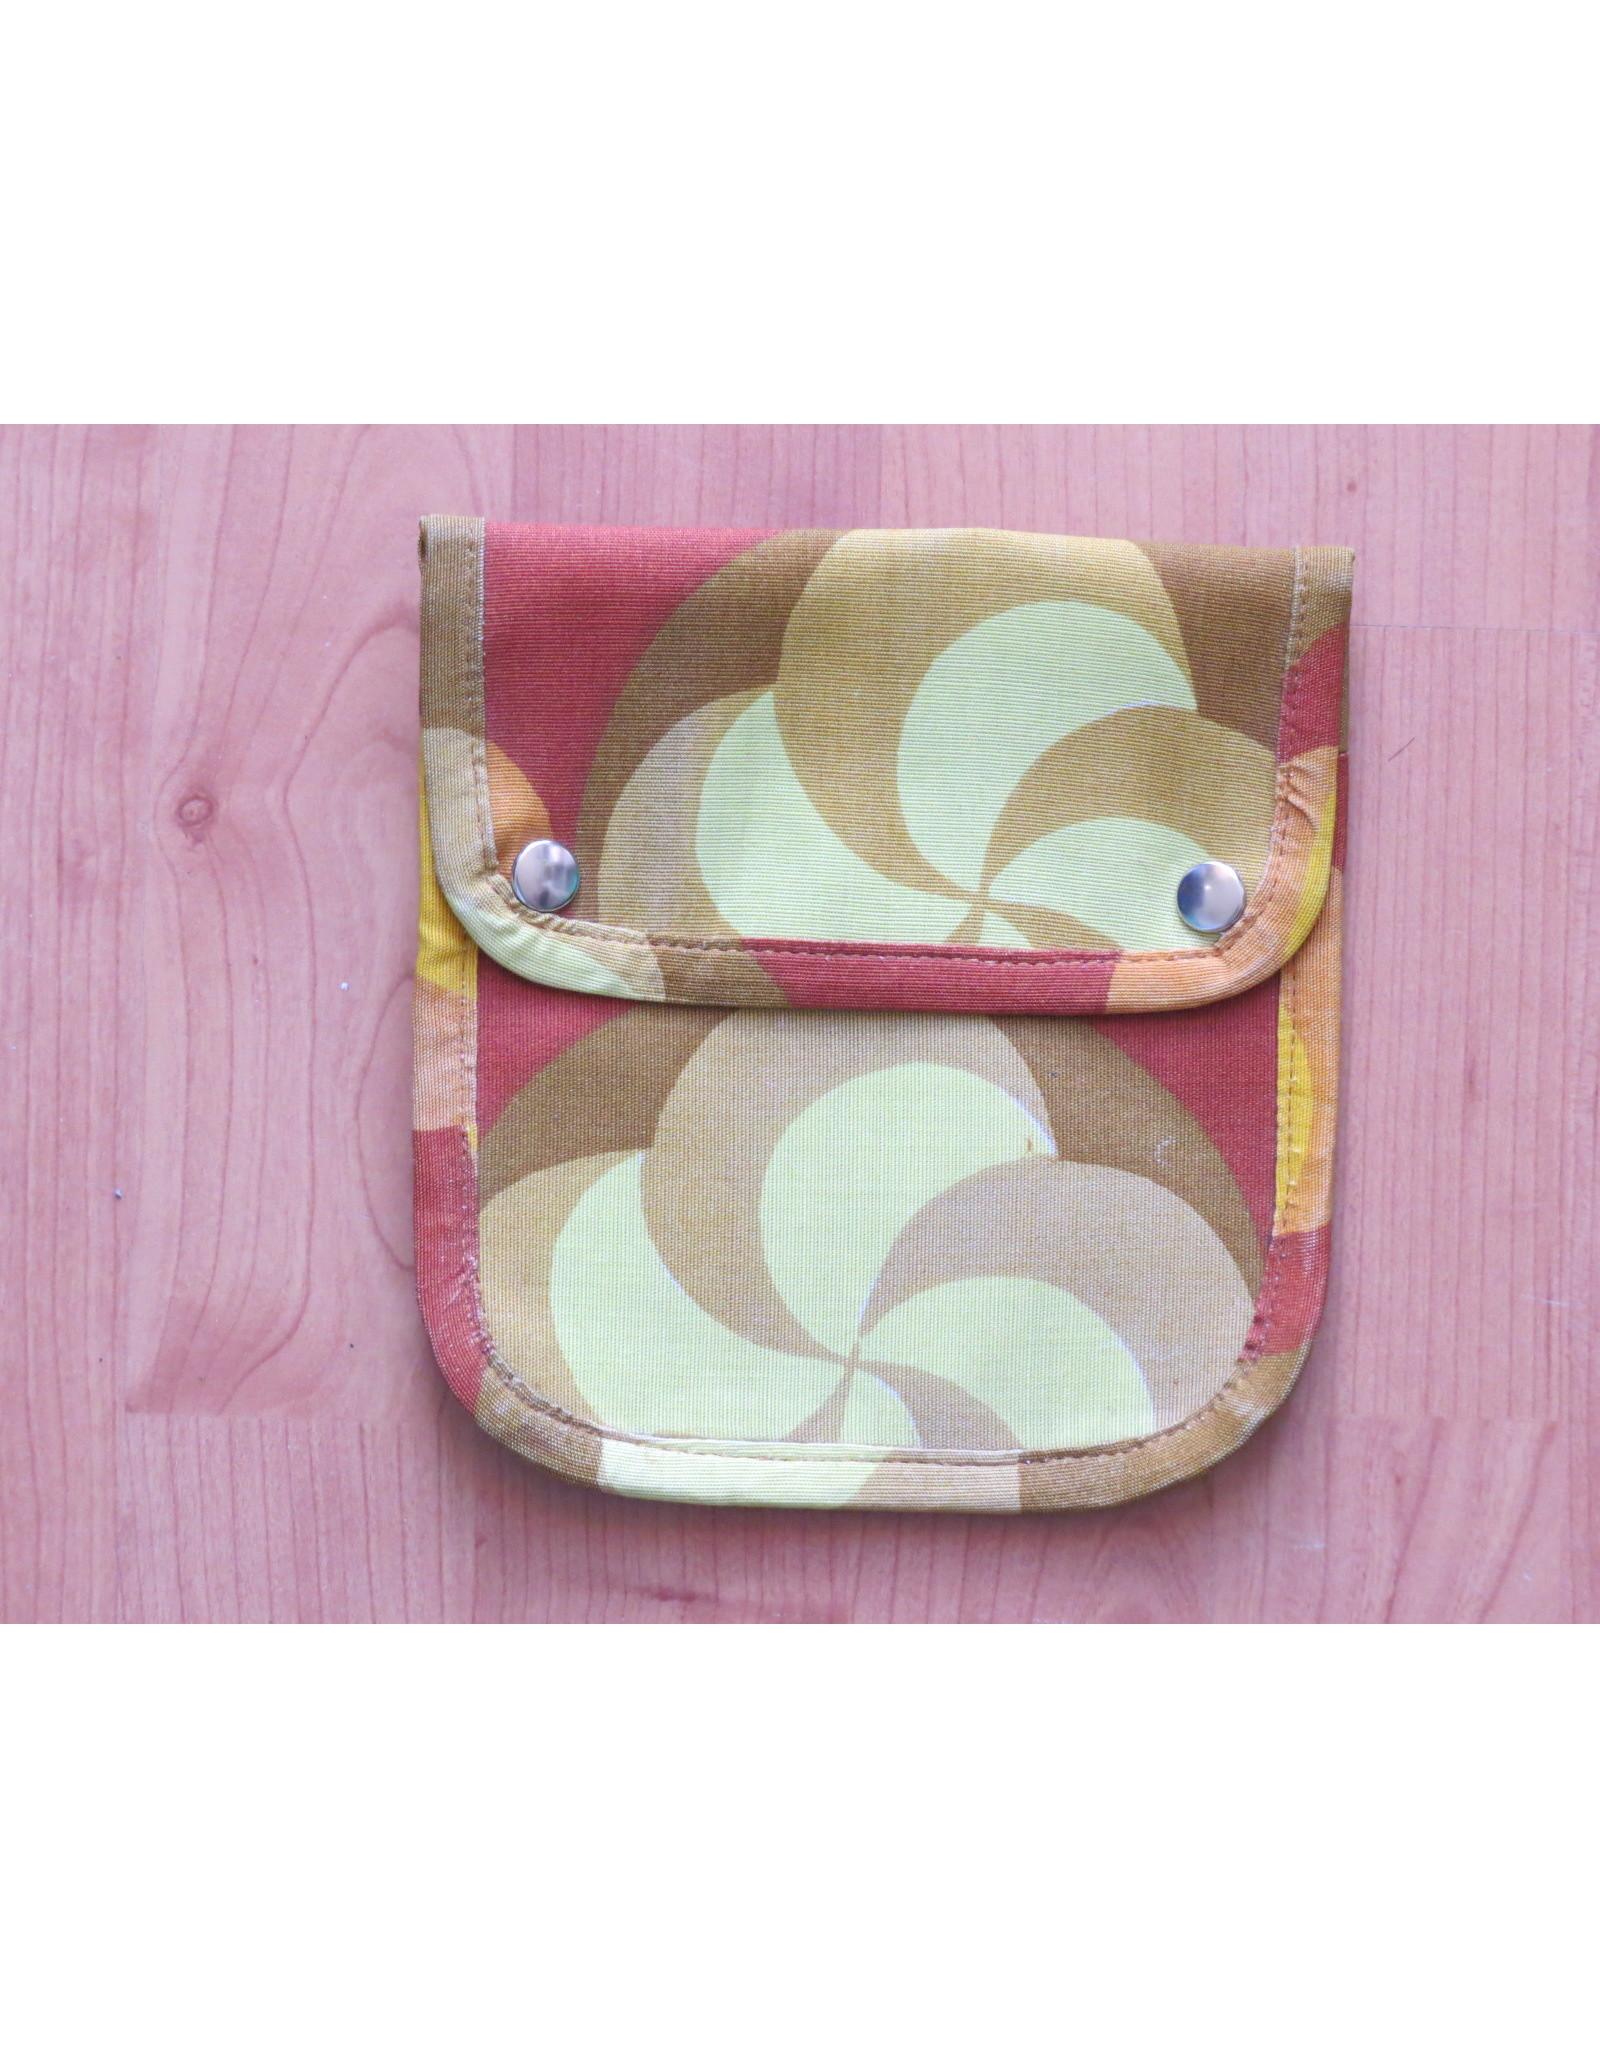 Huisteil Small shoulder bag - vintage print